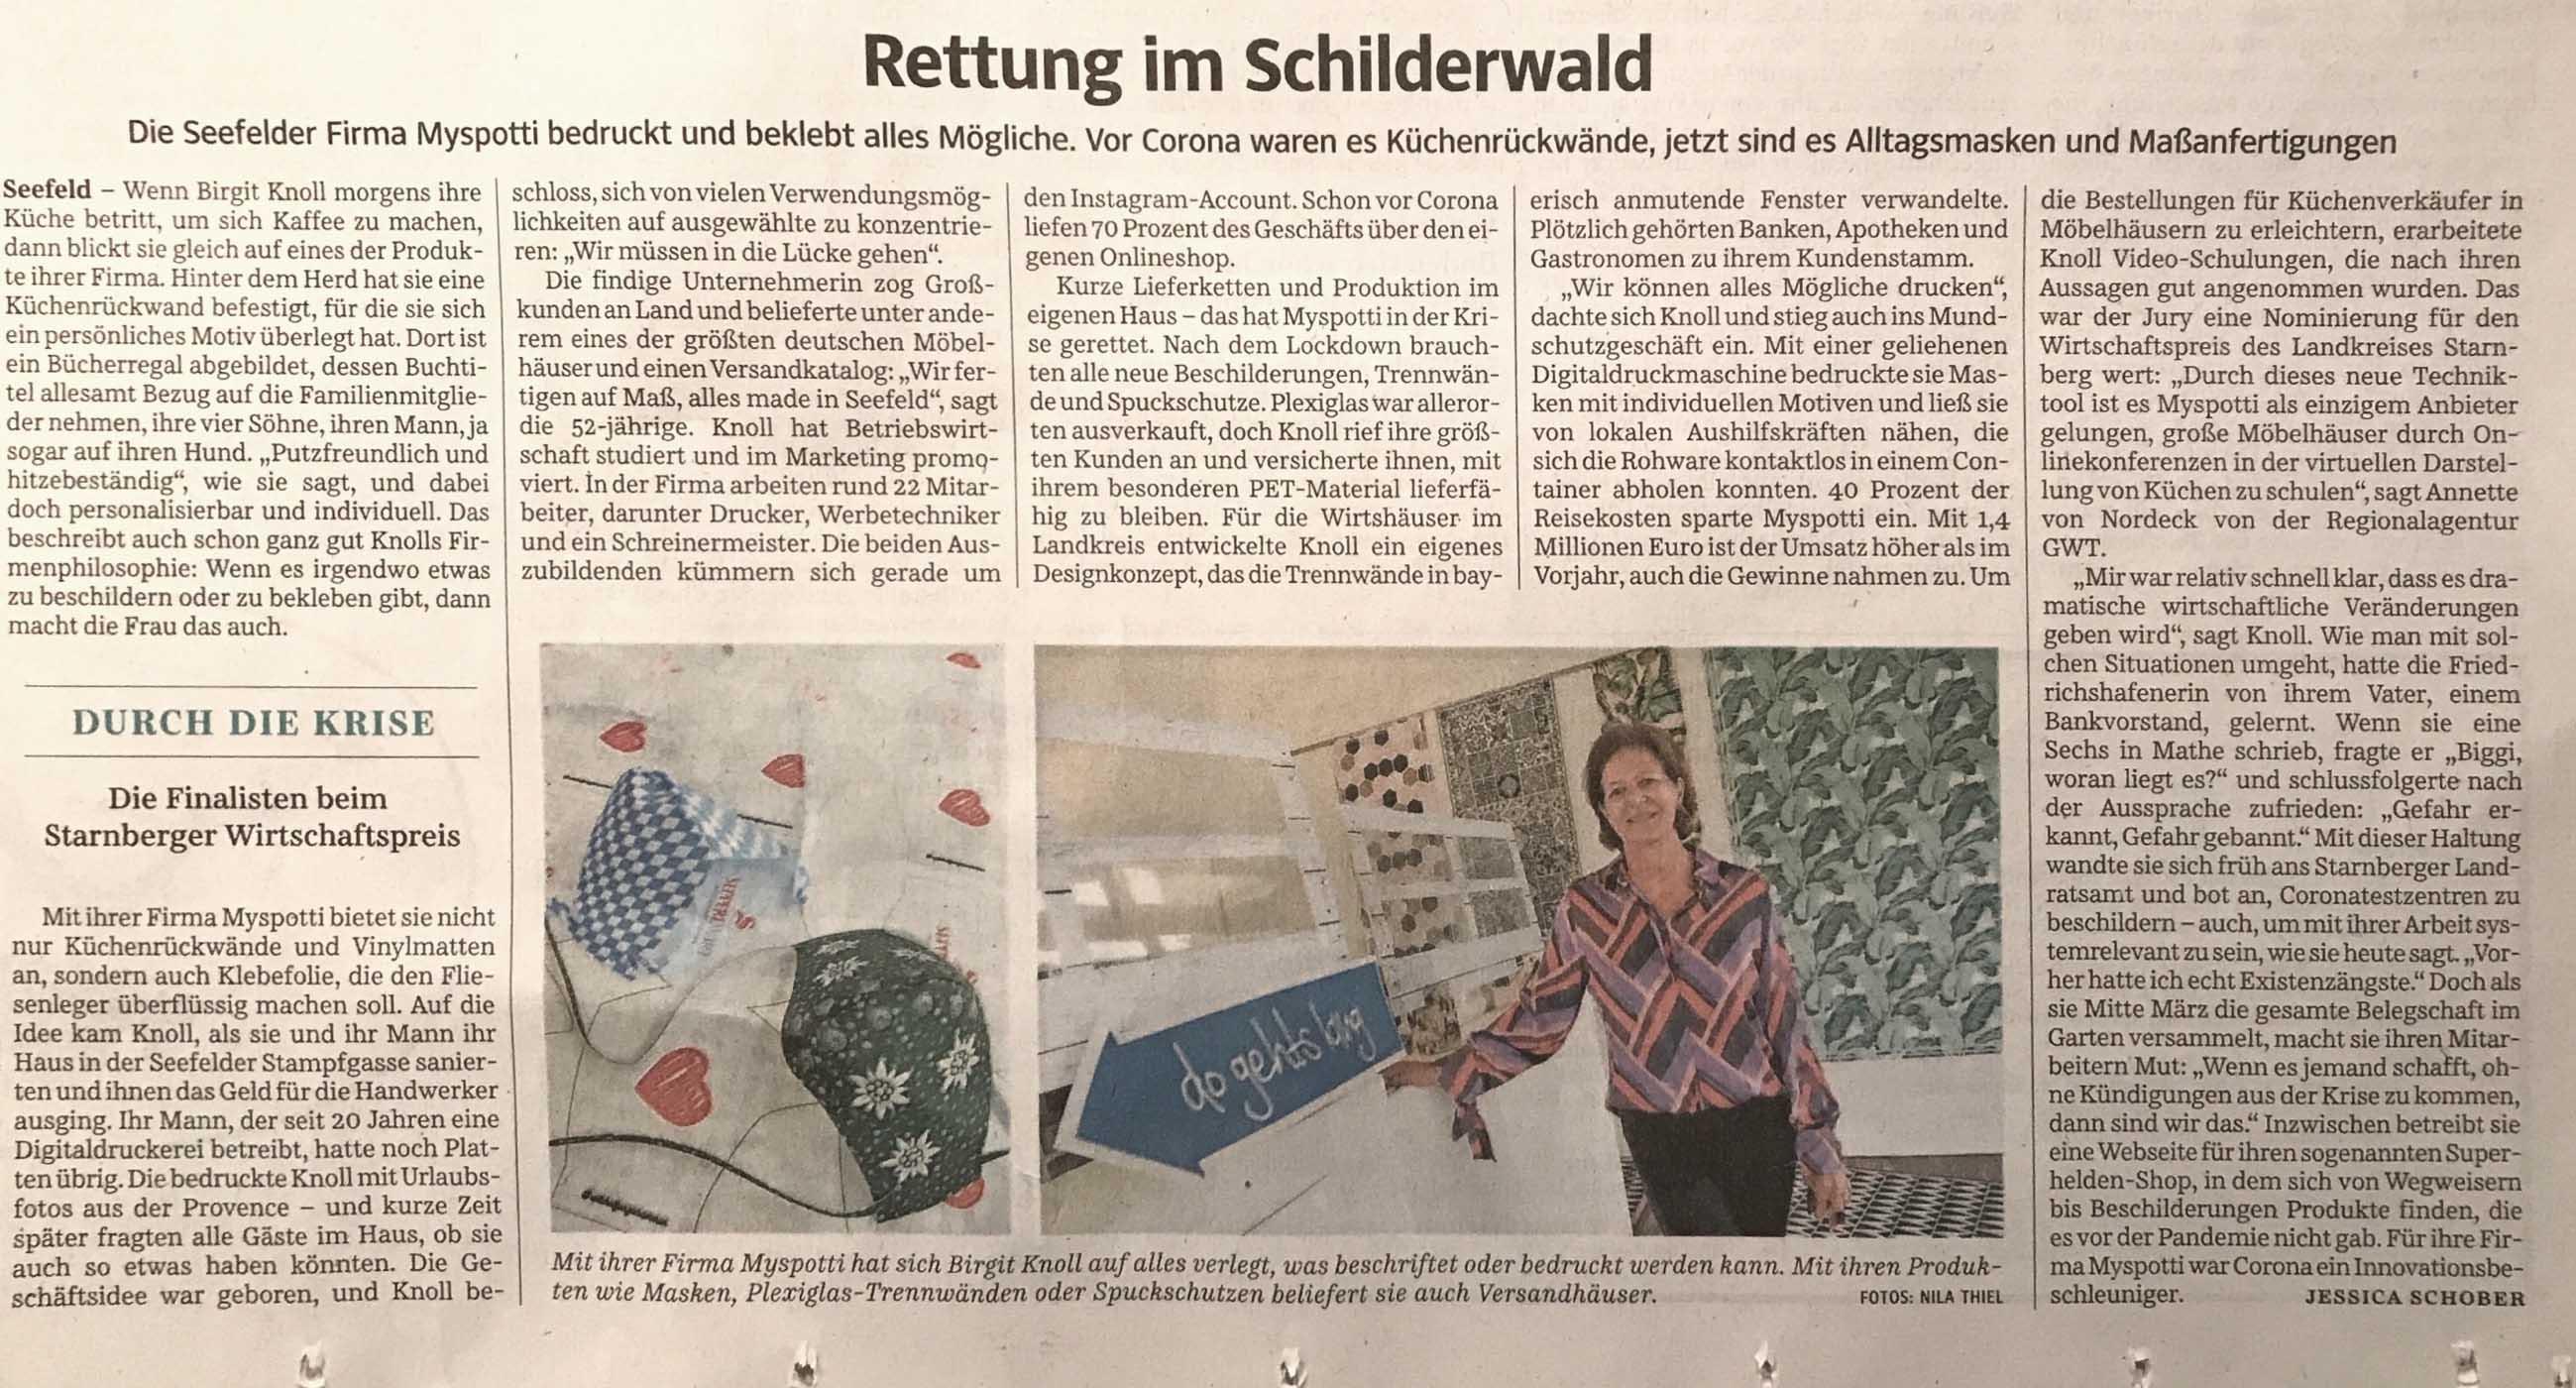 Presse-SueddeutscheZeitung-LandkeisStarnberg-15-10-2020